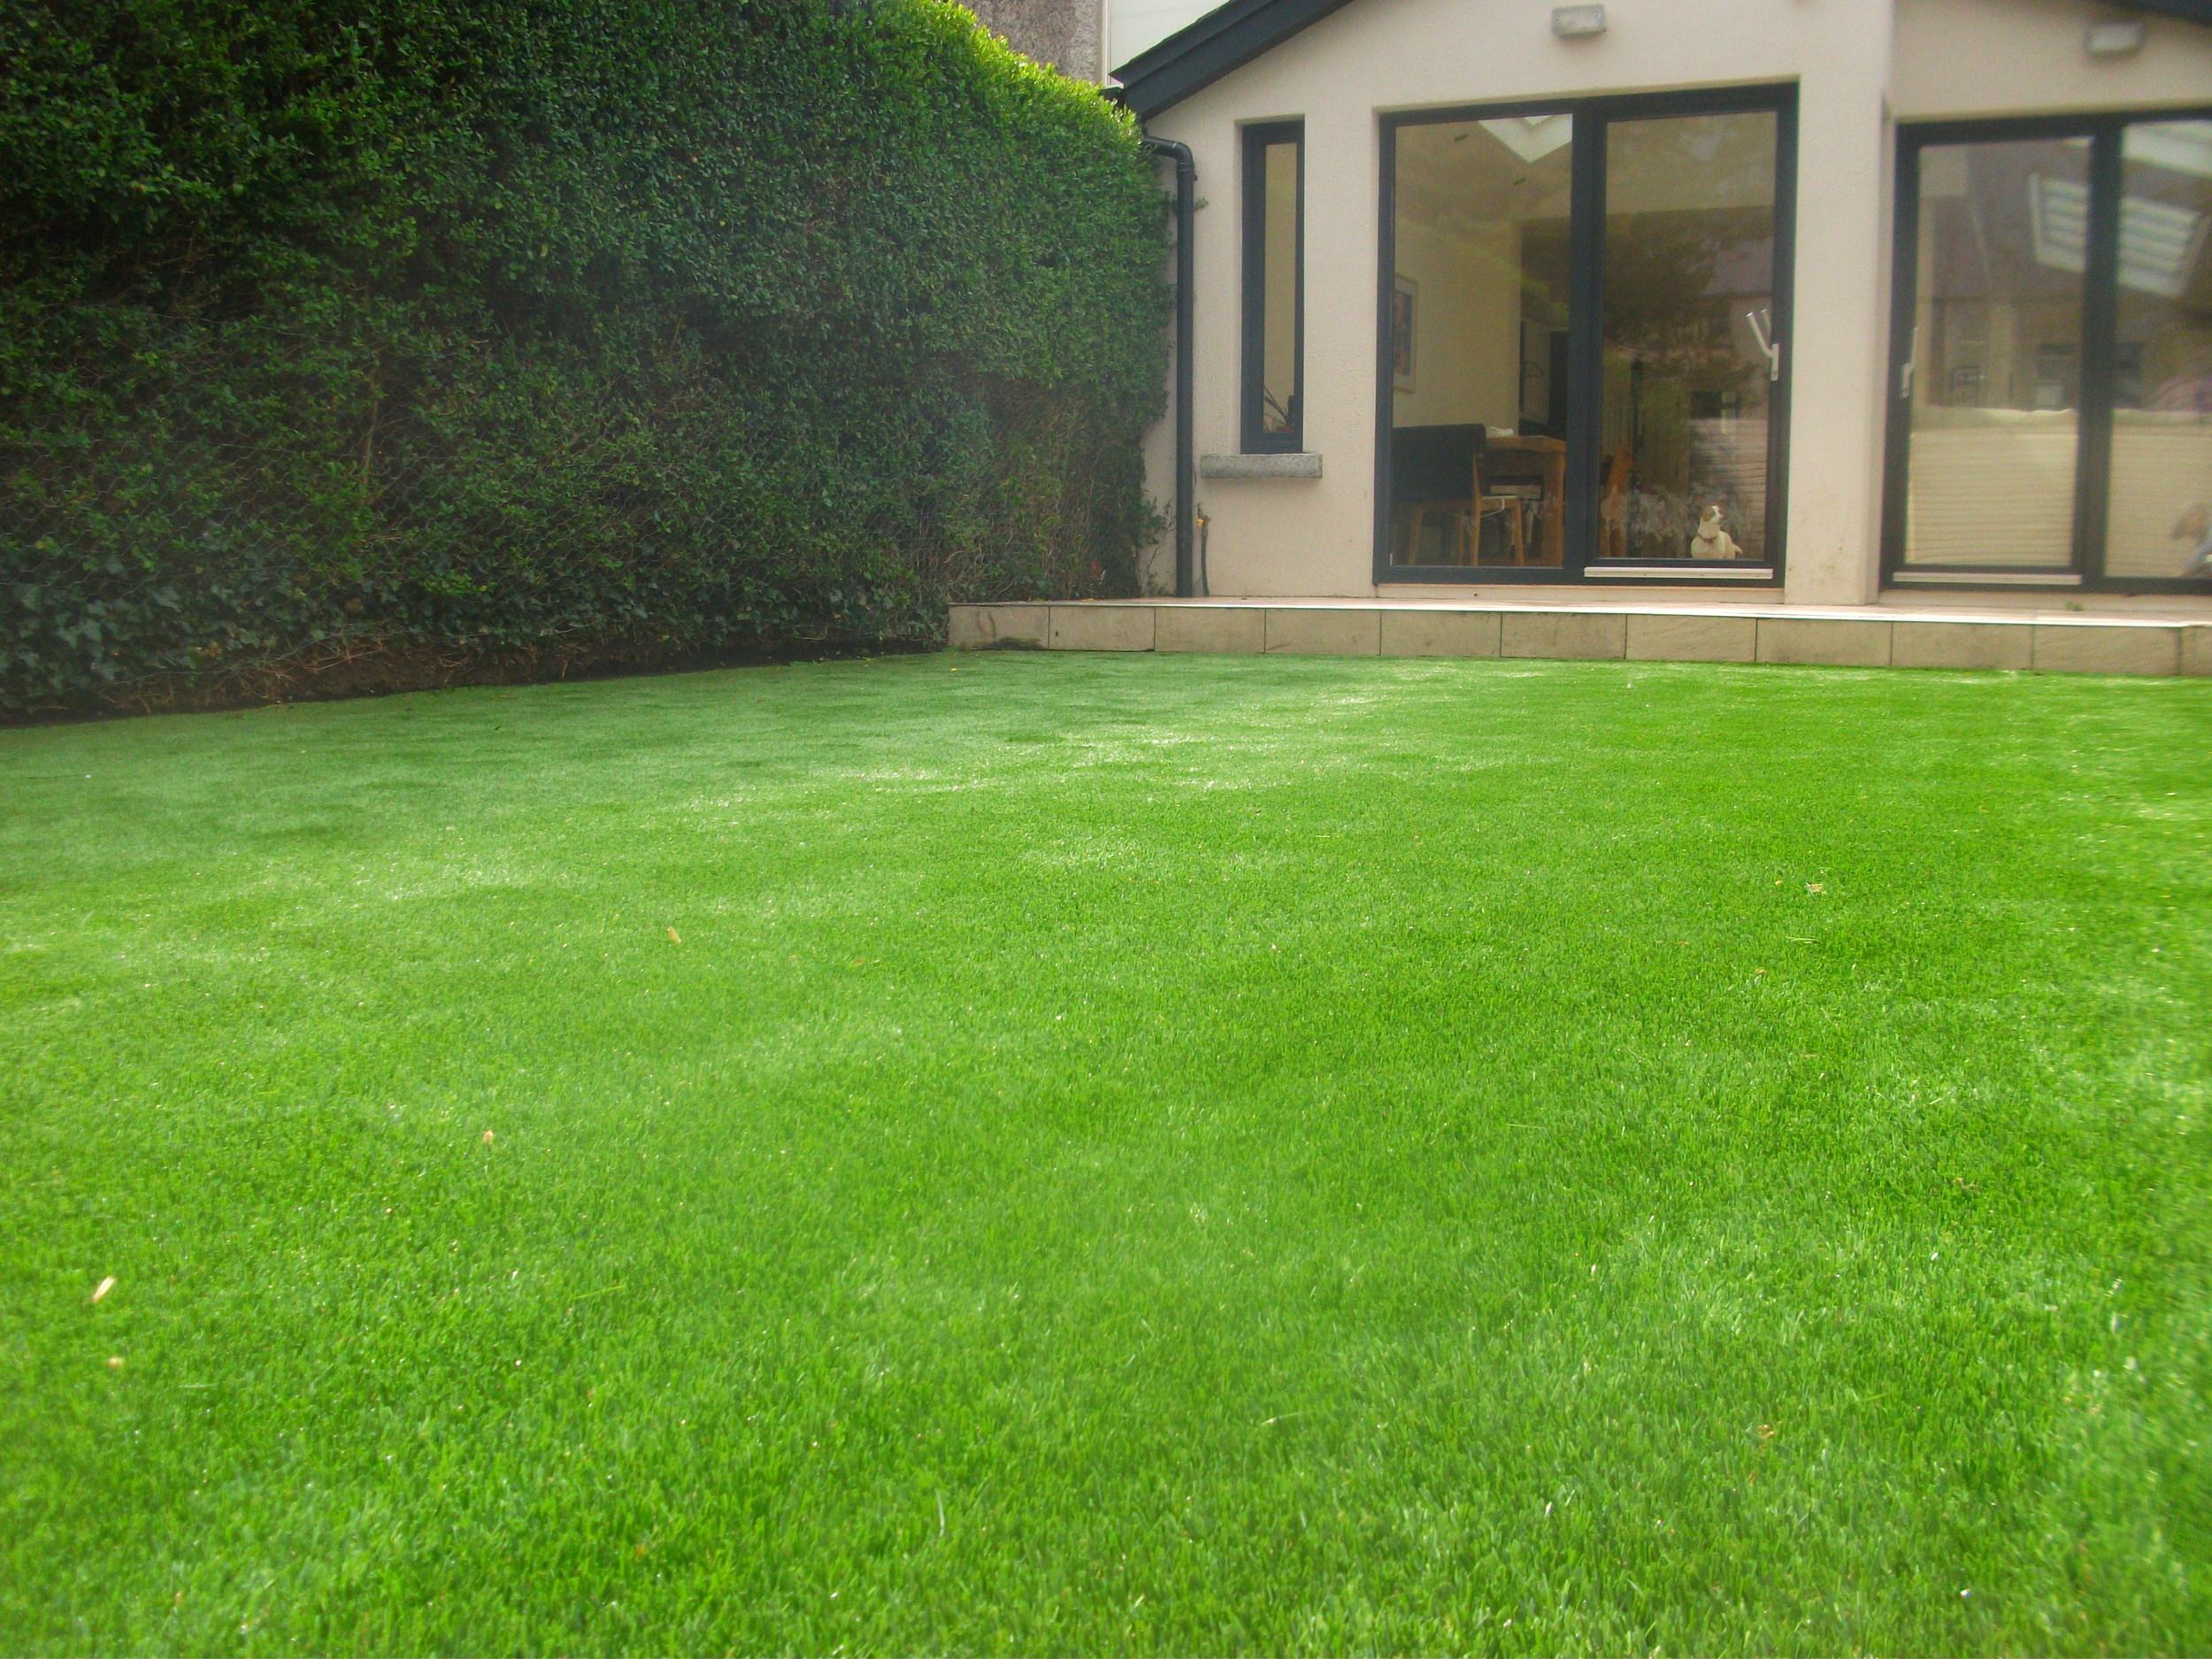 TigerTurf artifical grass